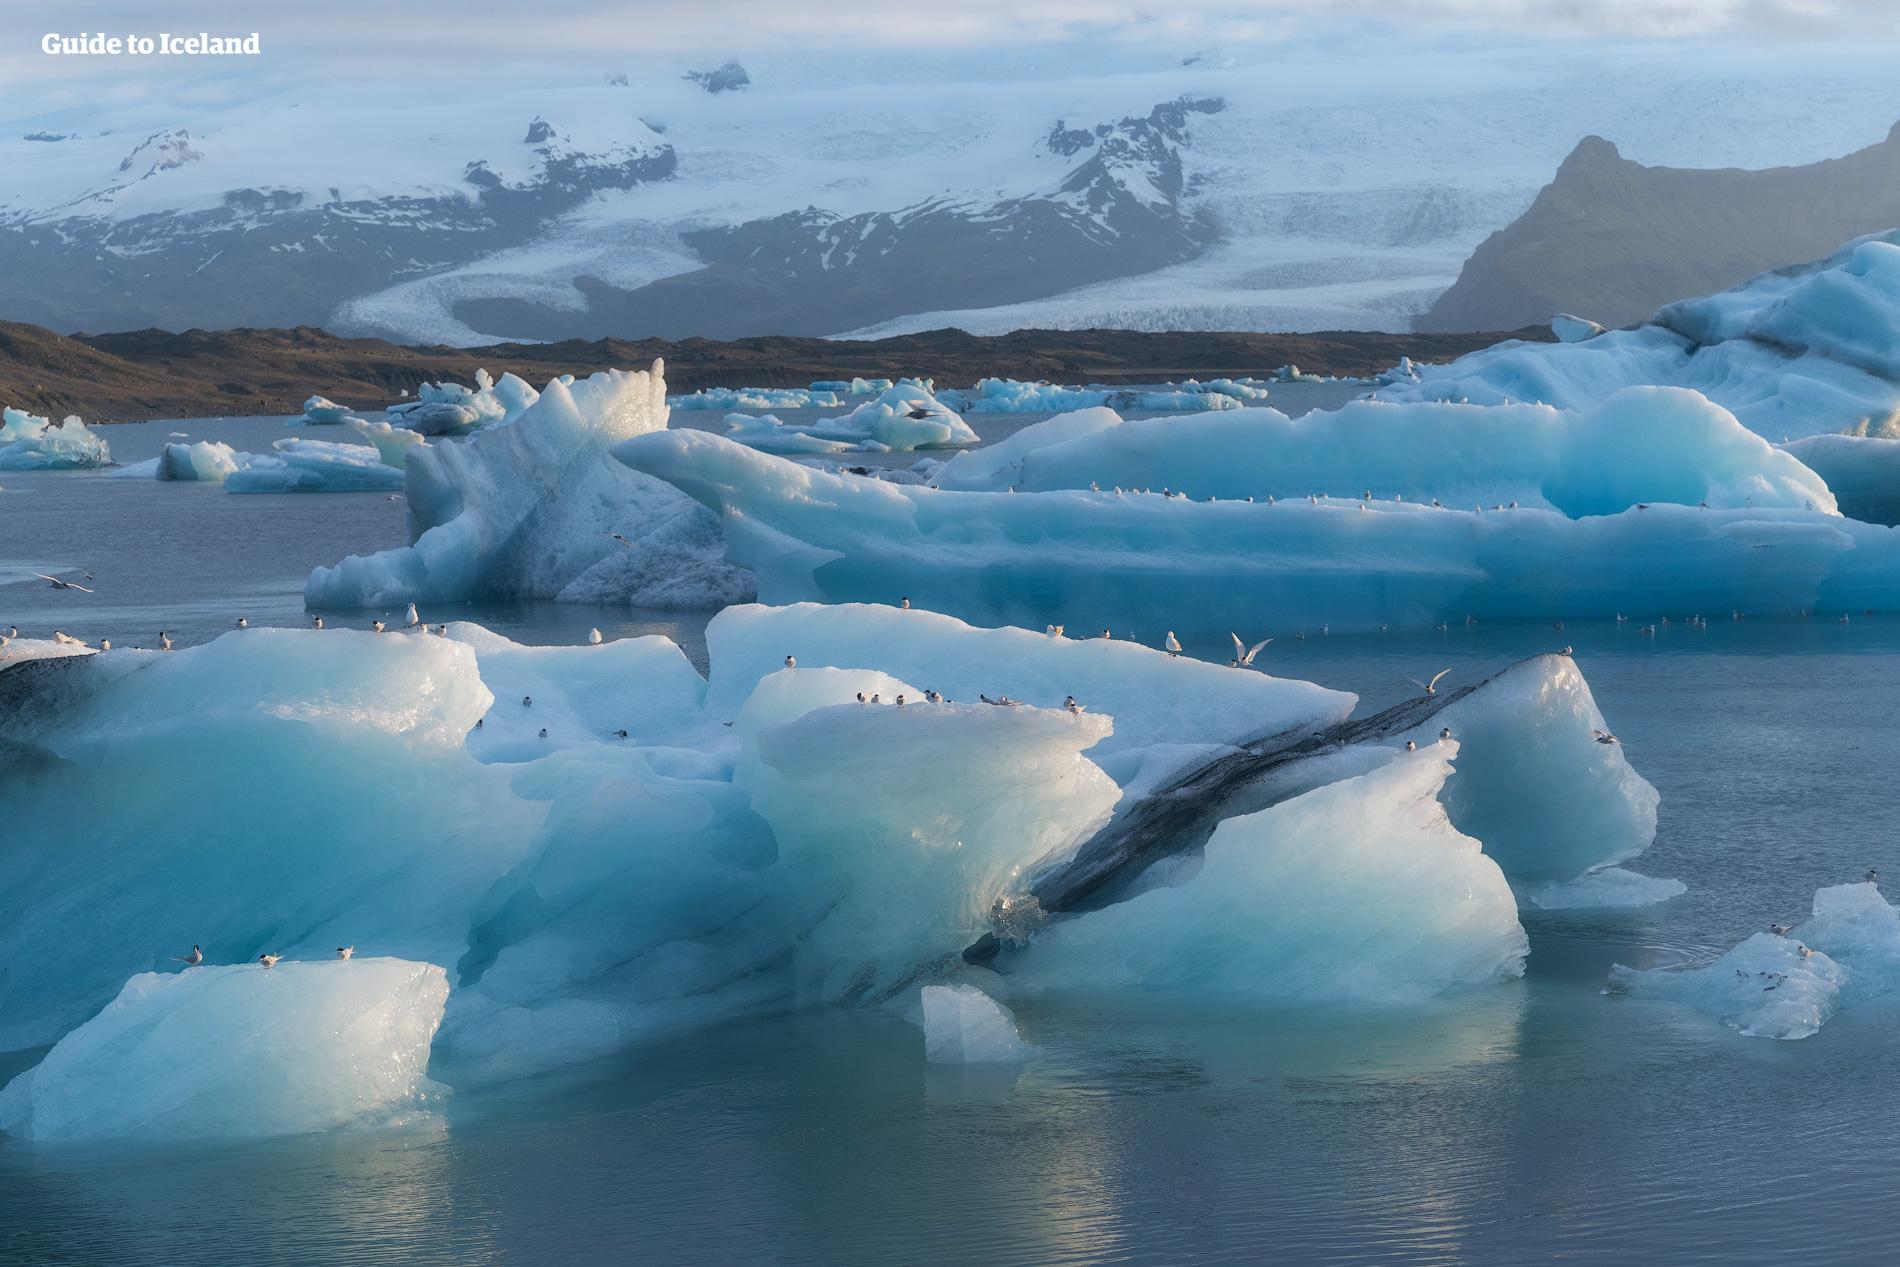 斯卡夫塔山自然保护区内的杰古沙龙冰河湖是冰岛最受欢迎的摄影景点,瞬息万变的景色令人流连忘返